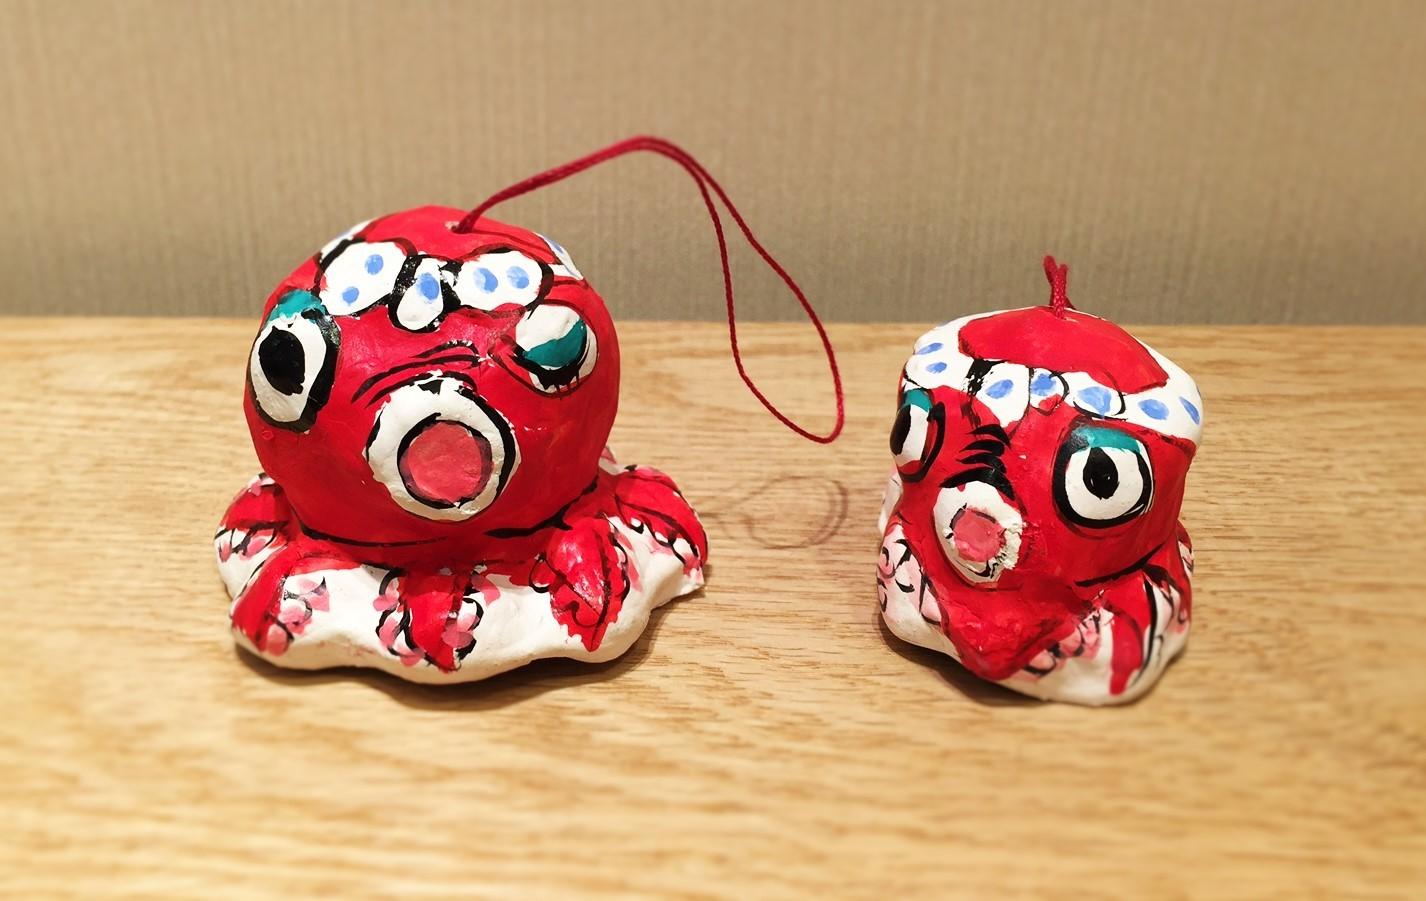 癒しの郷土玩具 須磨張り子_e0295731_12541443.jpg